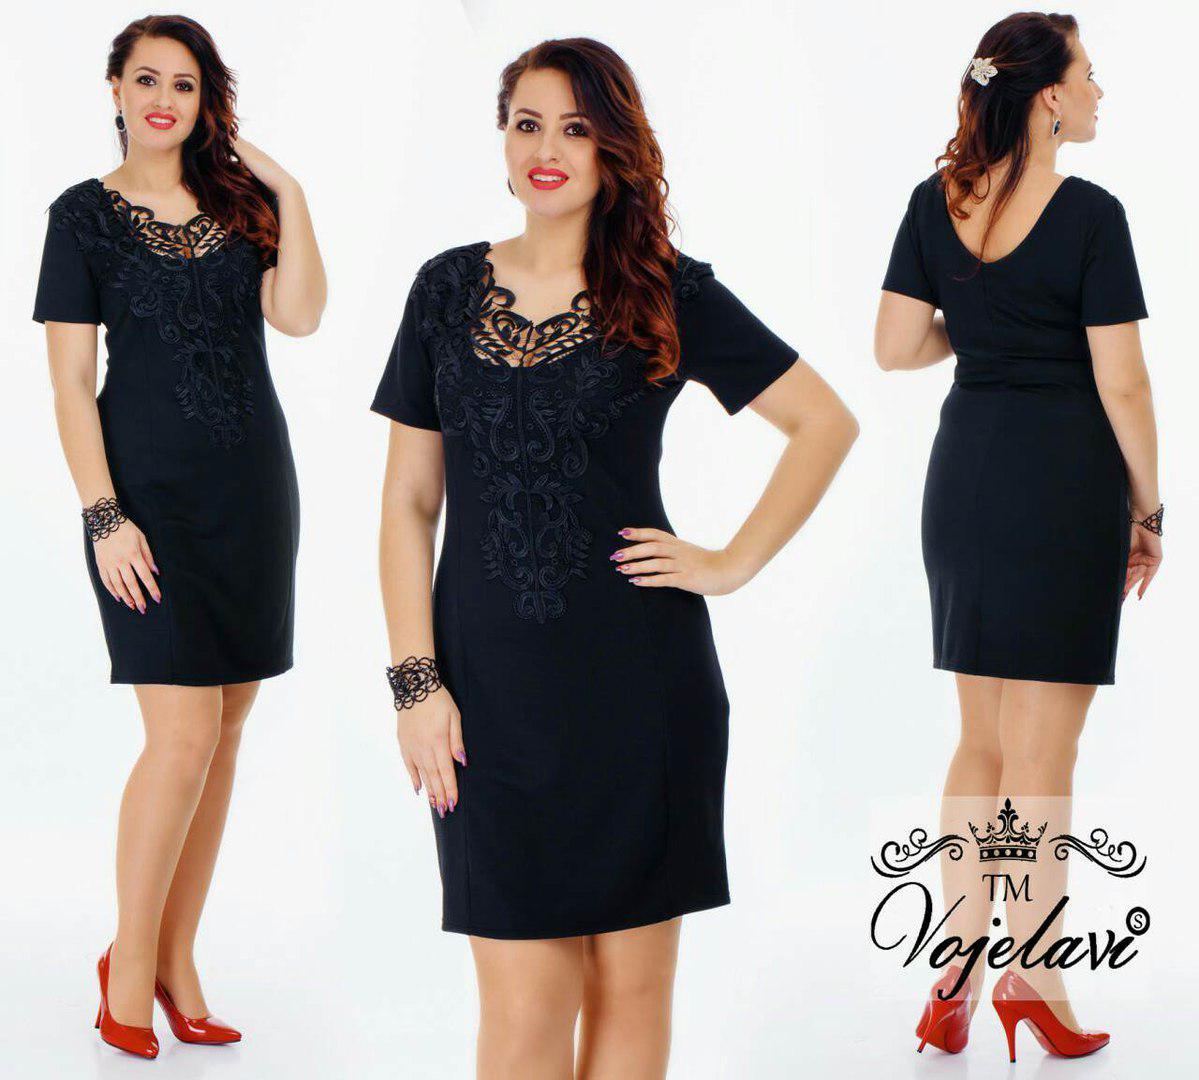 Женское платье с шикарным кружевом A10016 оптом и в розницу, платья ... b736c89a436